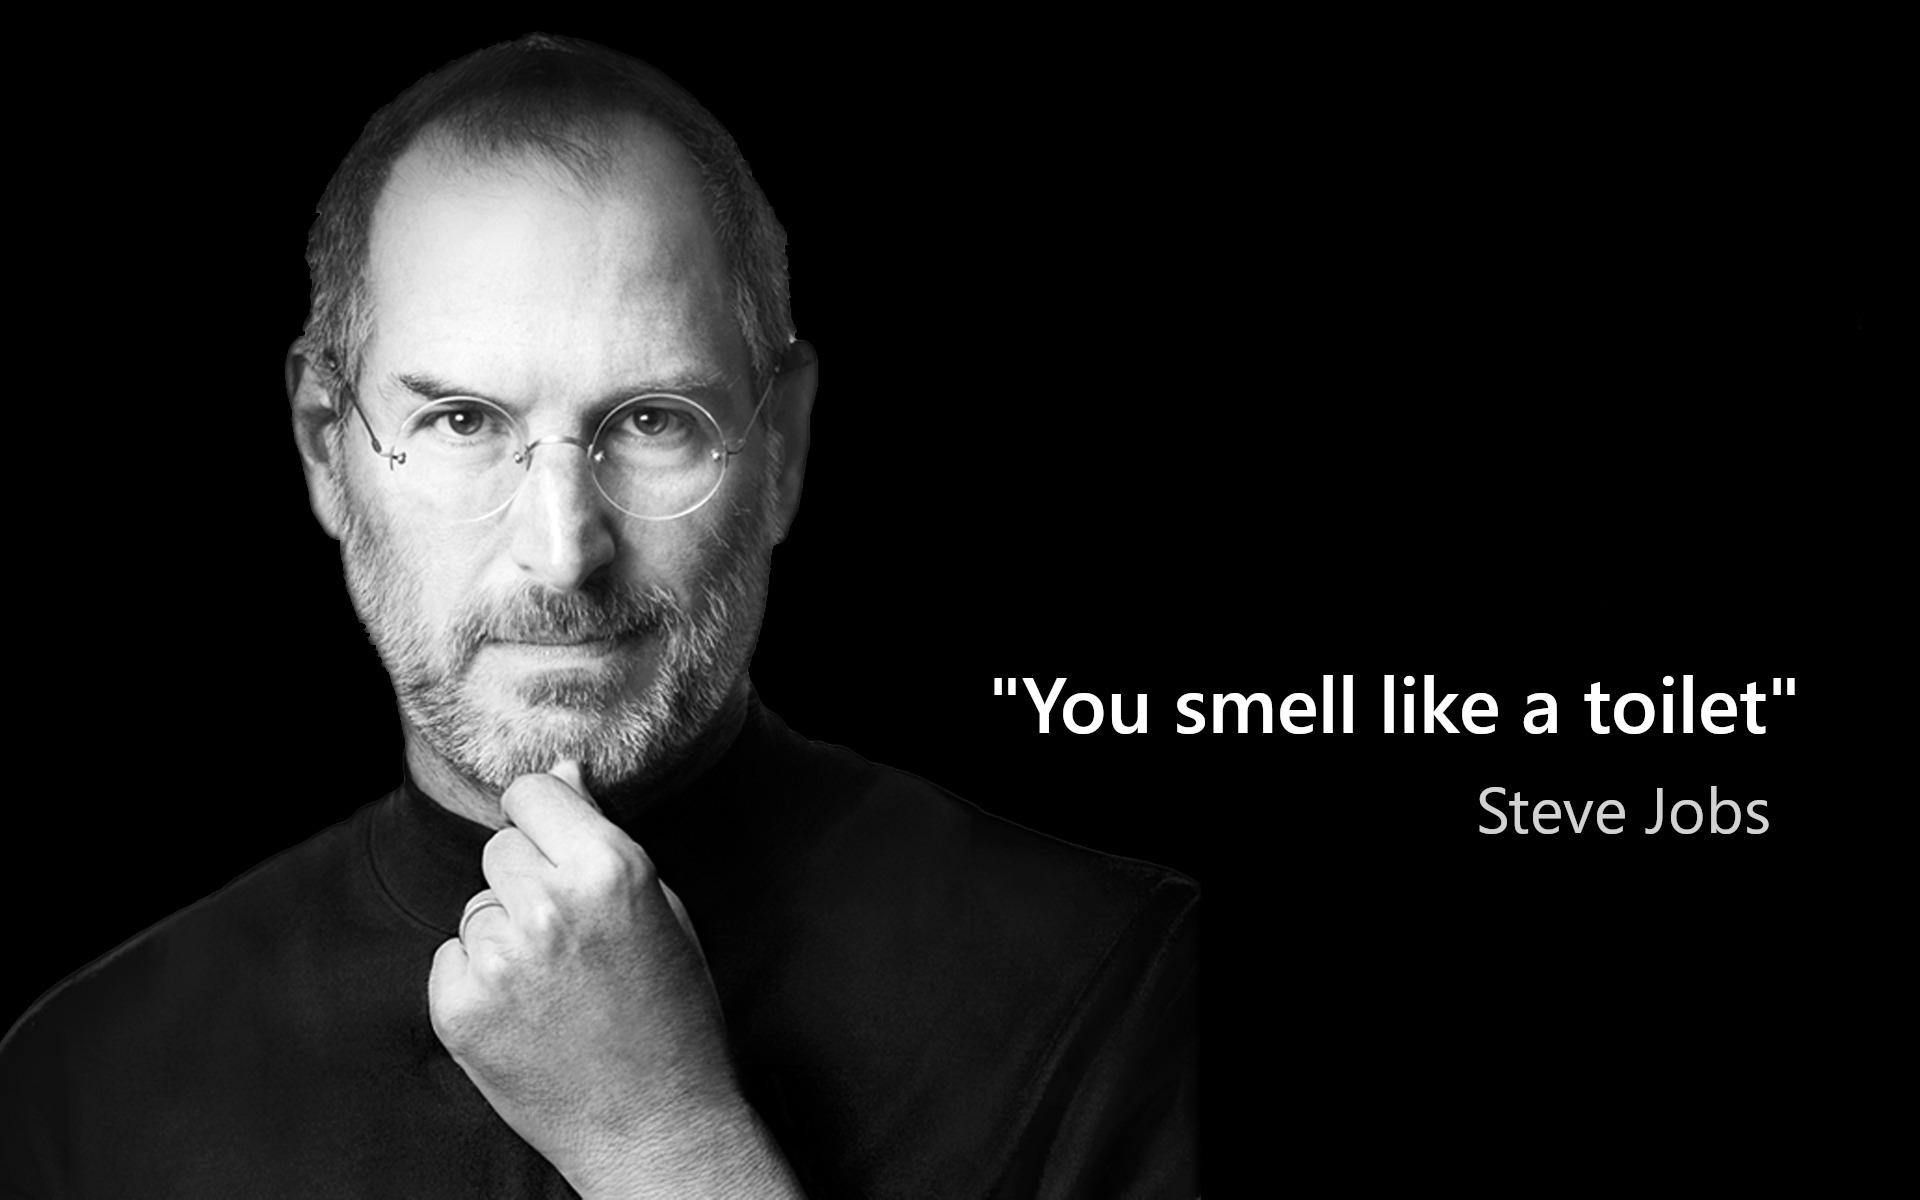 Steve Jobs Frases